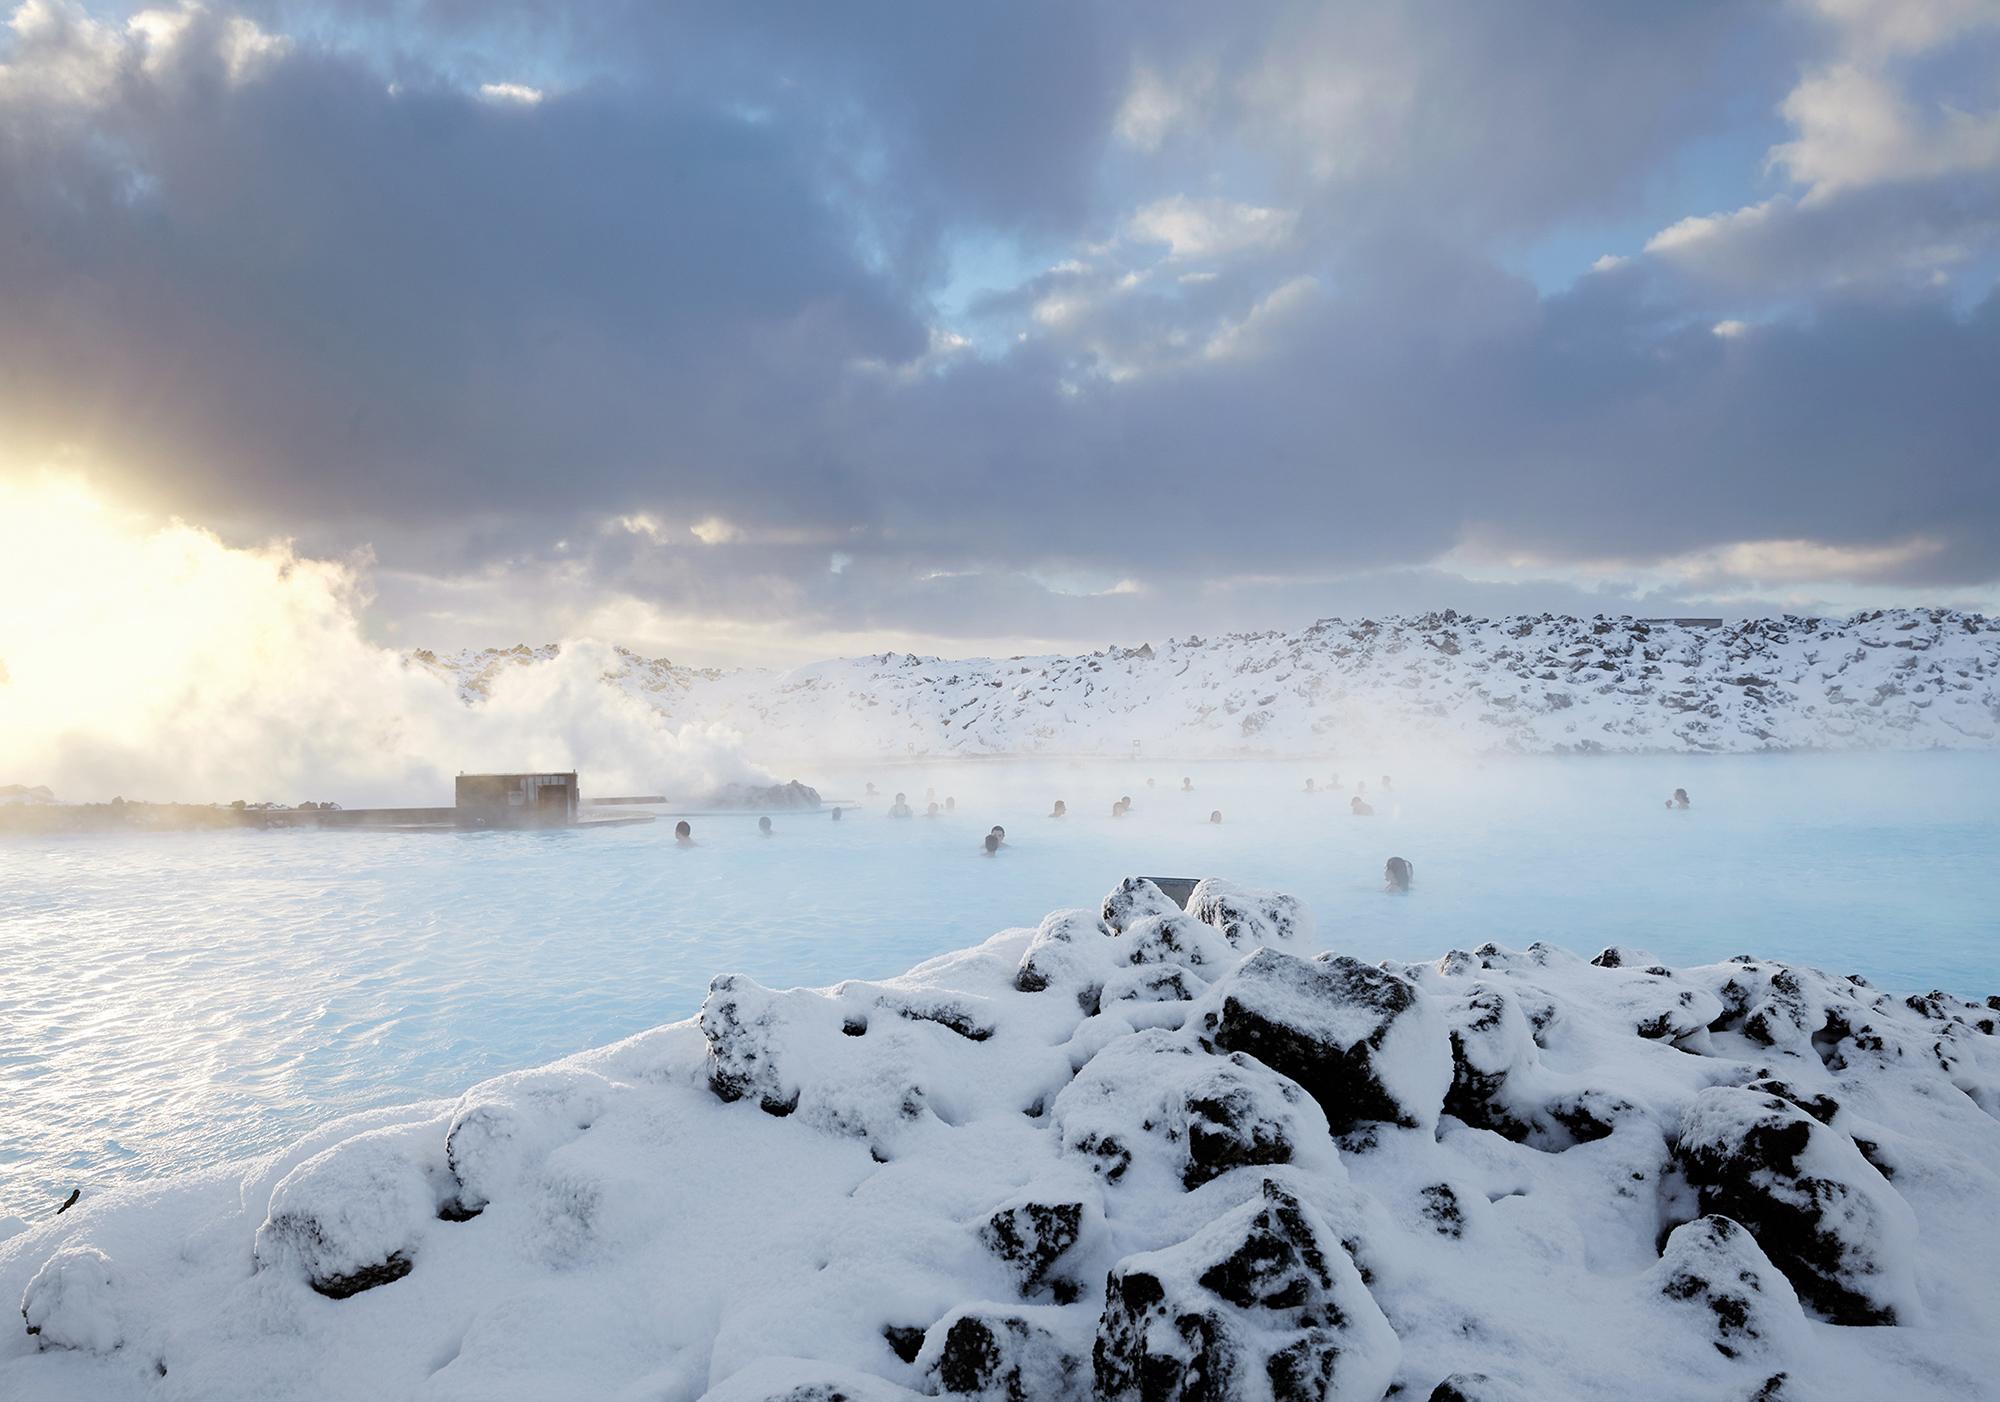 10 jours d'aventure | Hautes Terres en hiver et grotte de glace - day 1